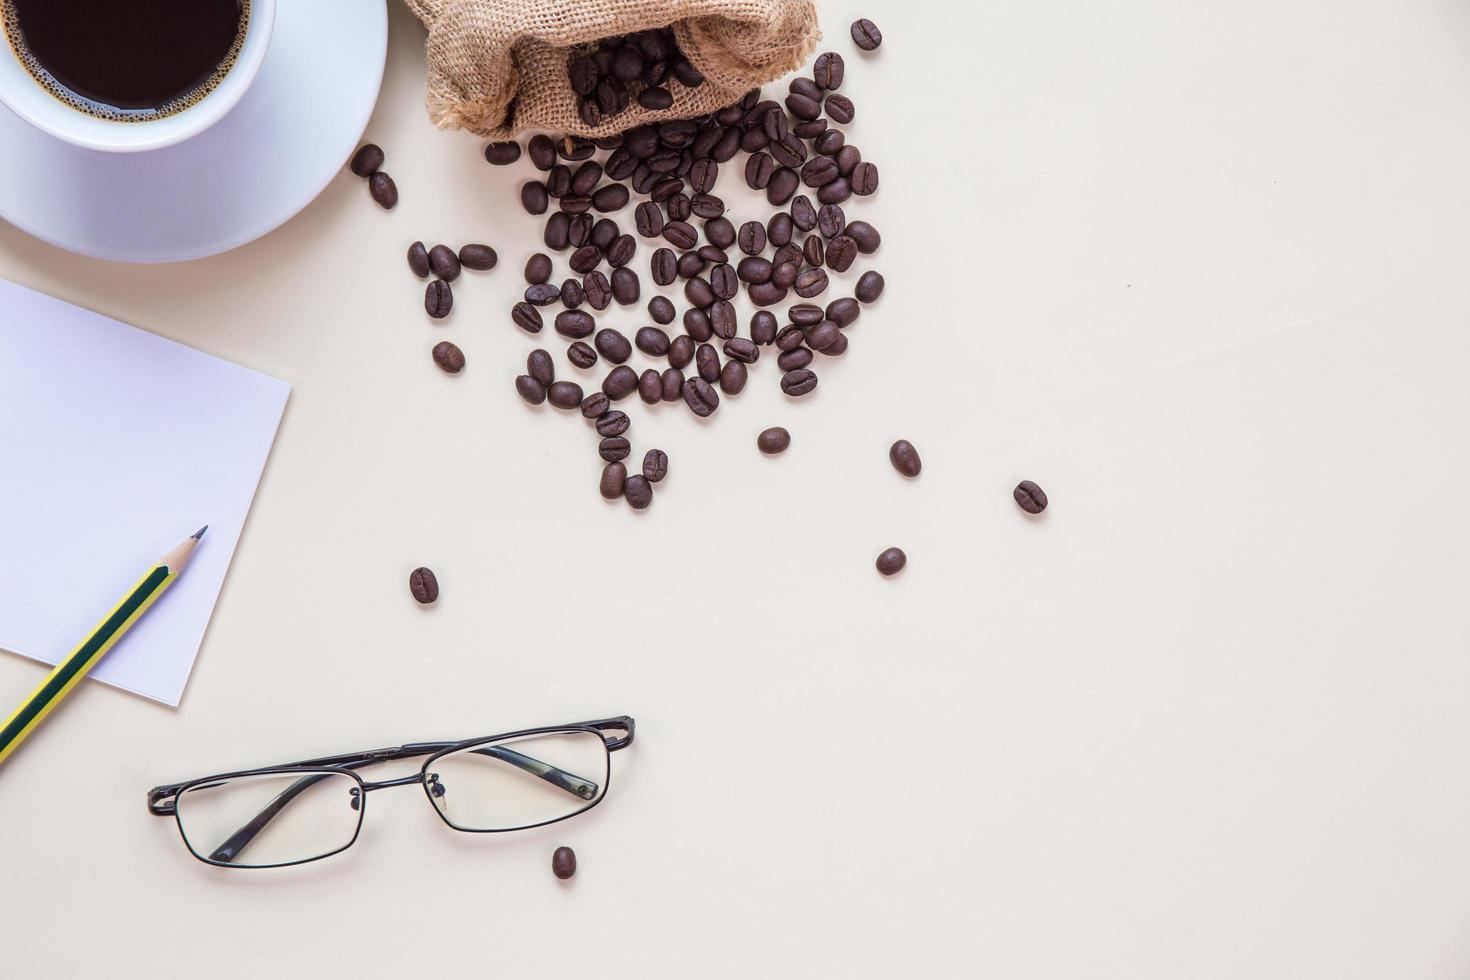 vista superior da xícara de café e grãos de café foto